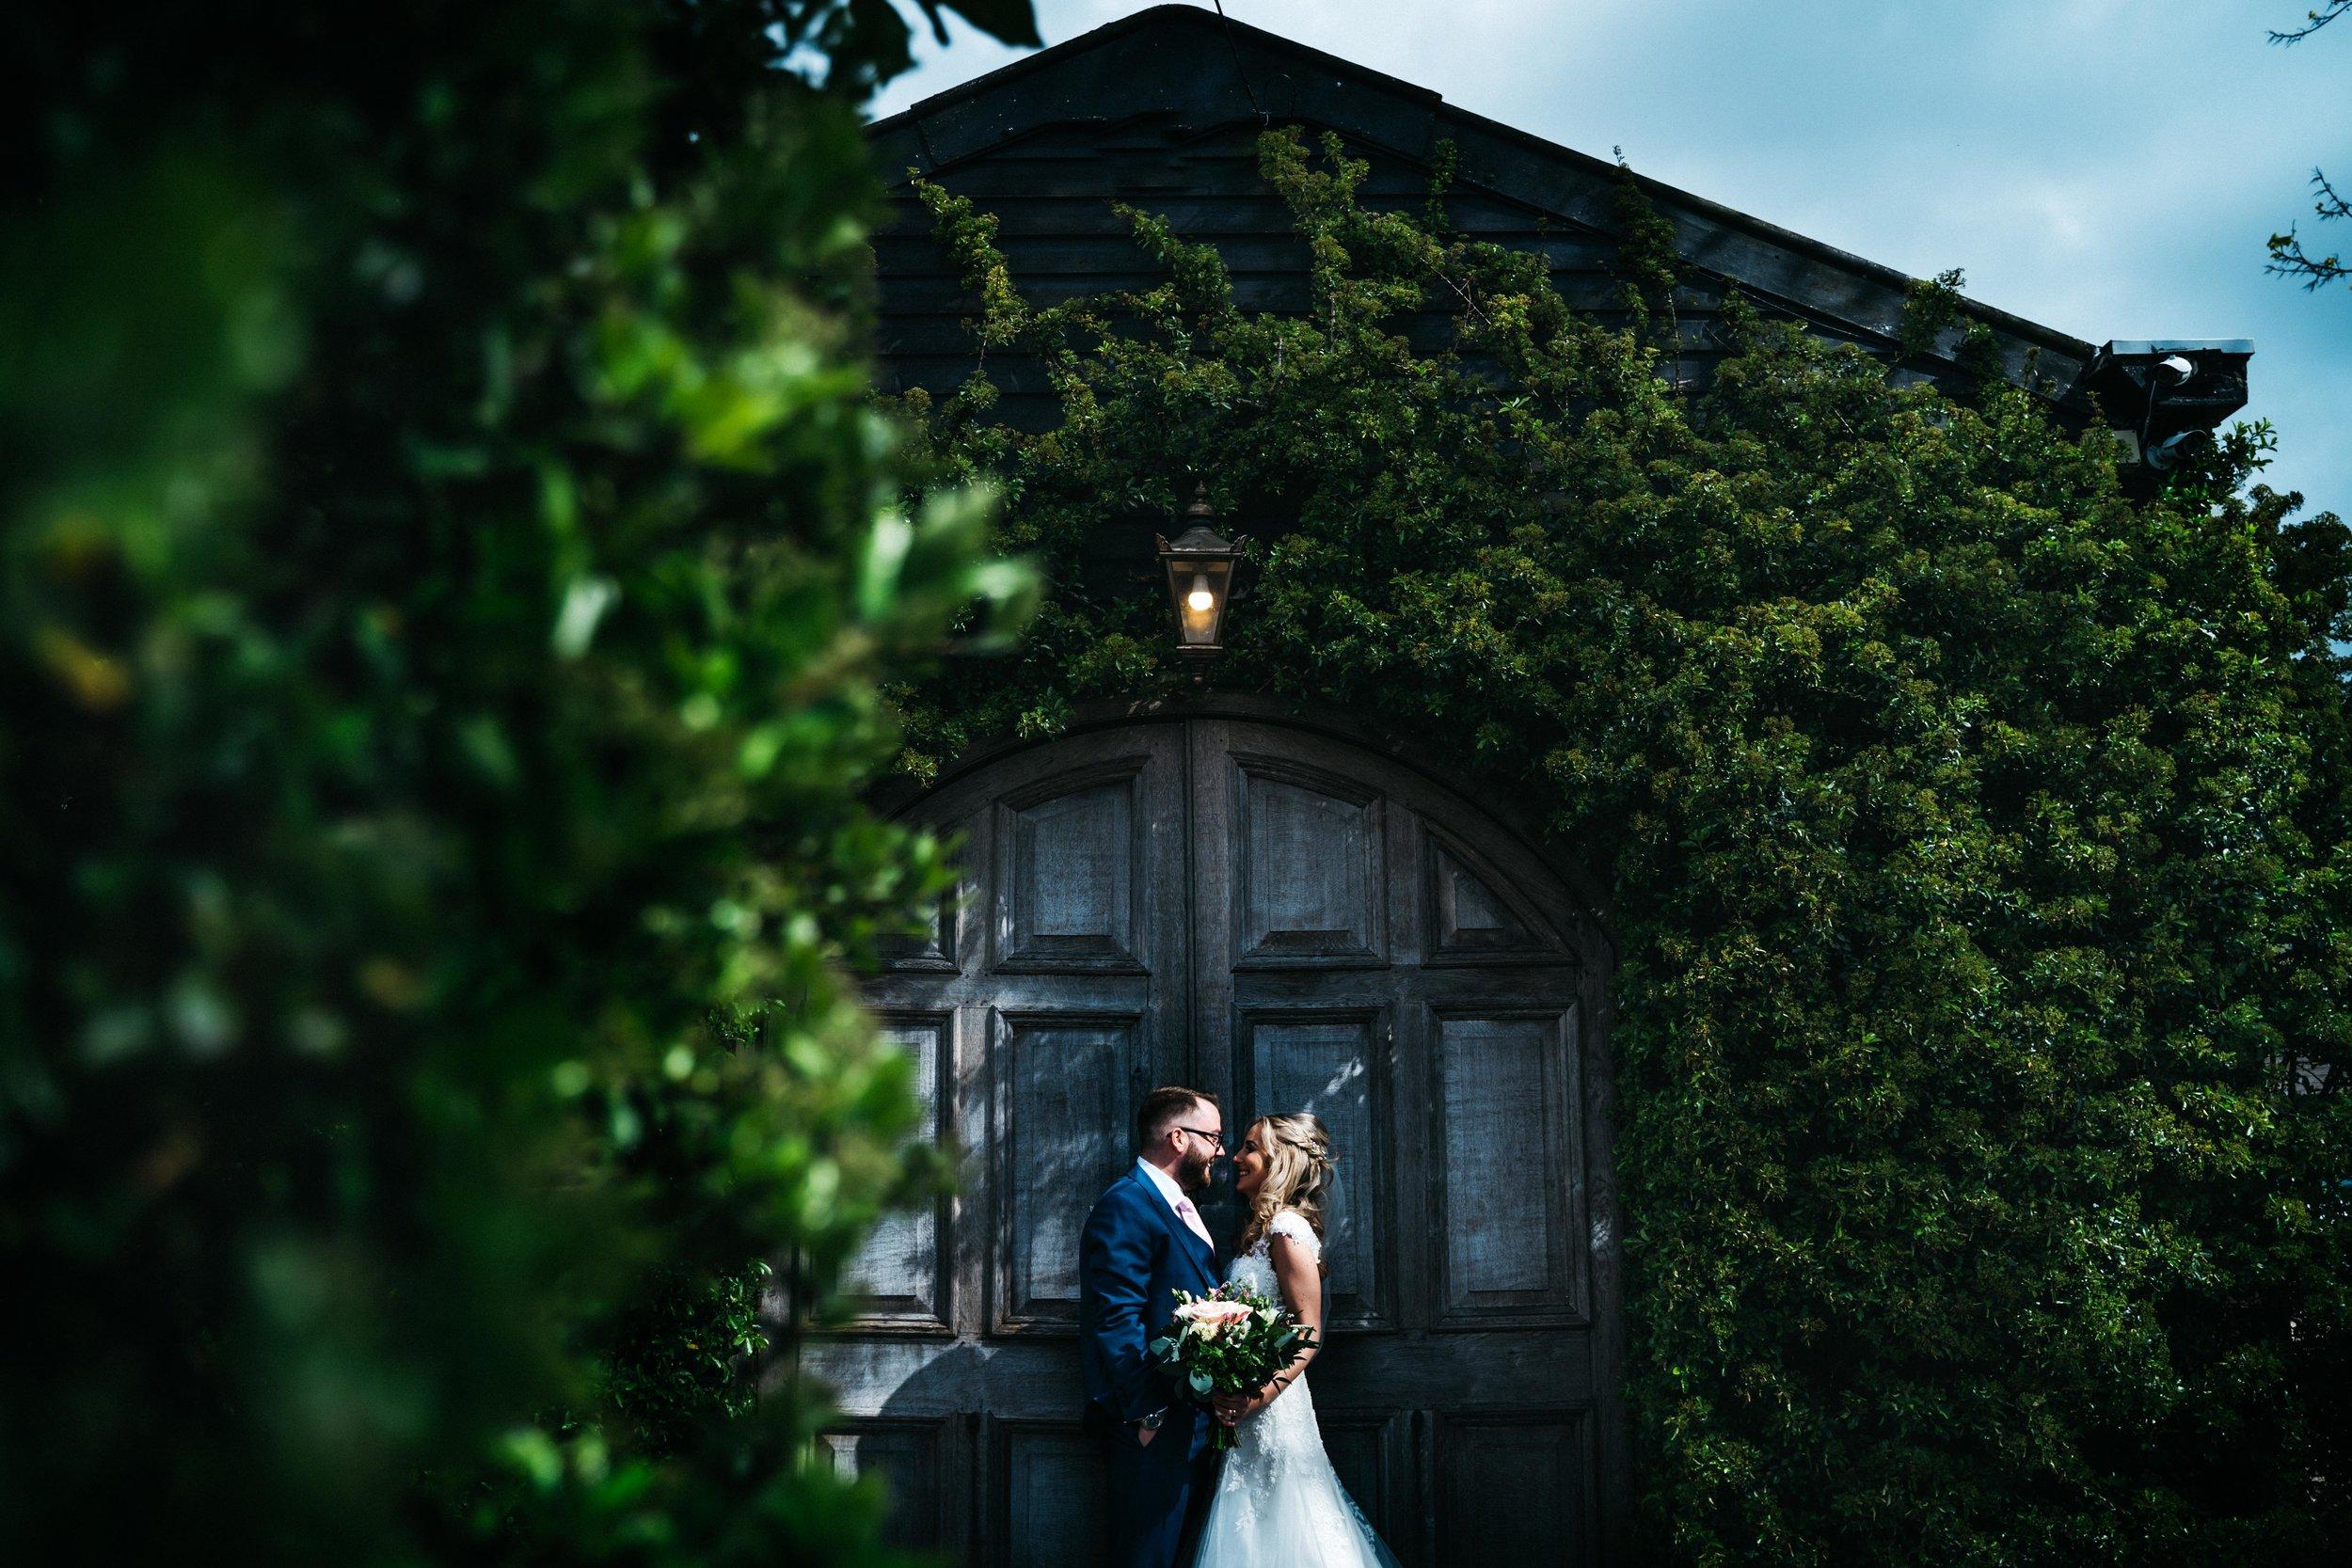 Kent Wedding Photography at Winters Barns